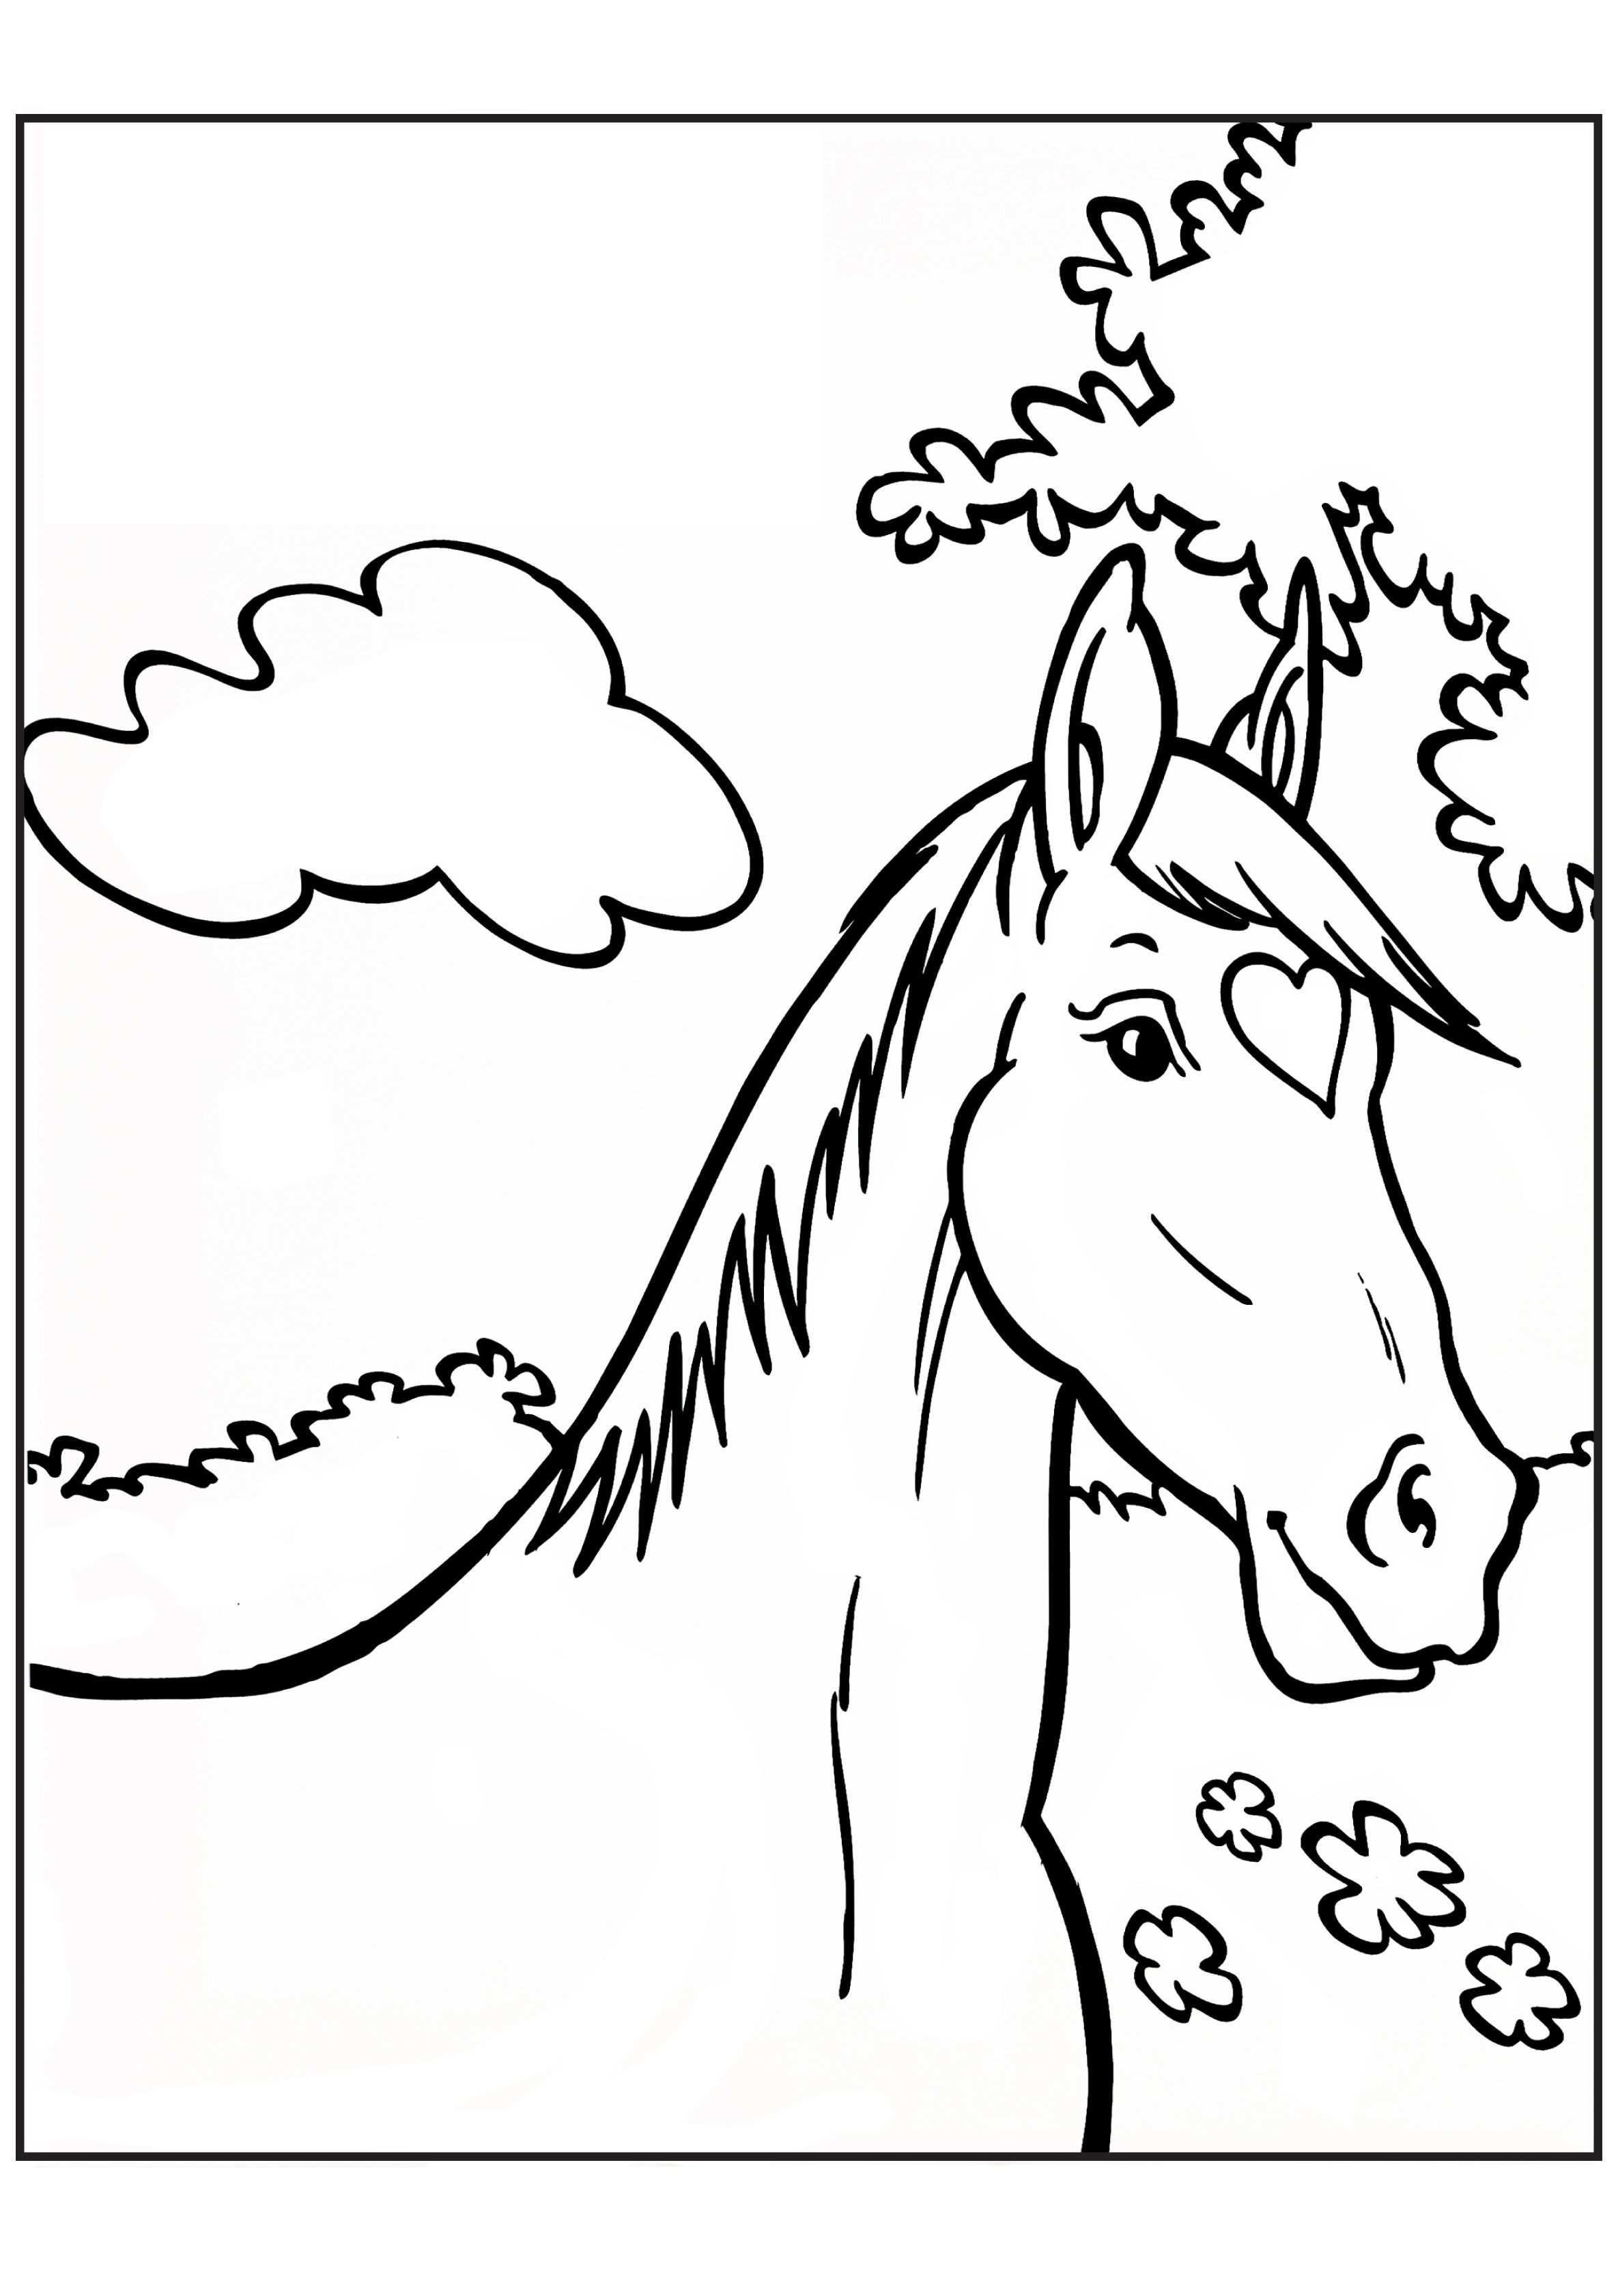 Kleurplaat Paard Kleurplaten Paarden Thema